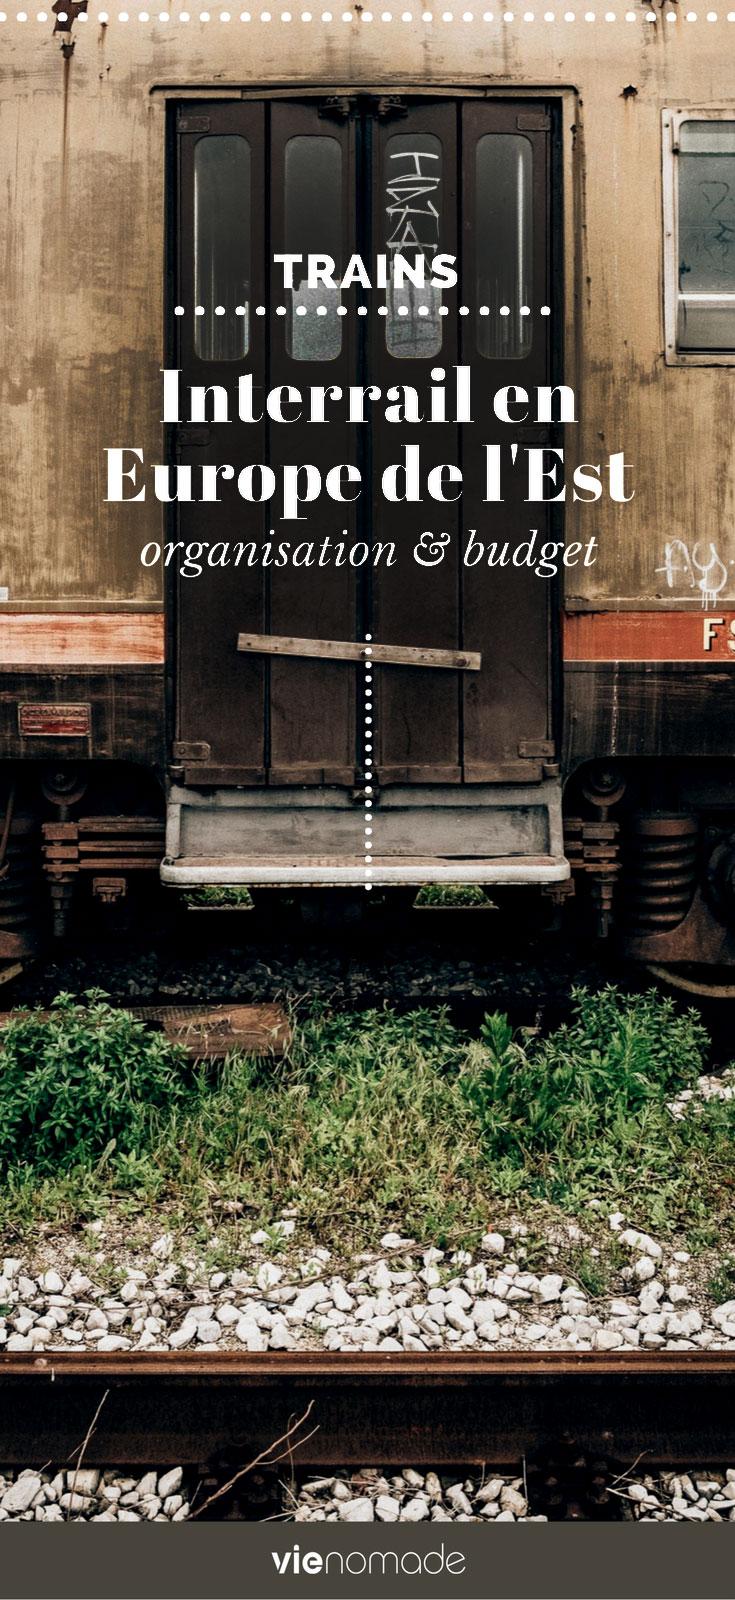 Interrail en Europe de l'est: itinéraire et organisation